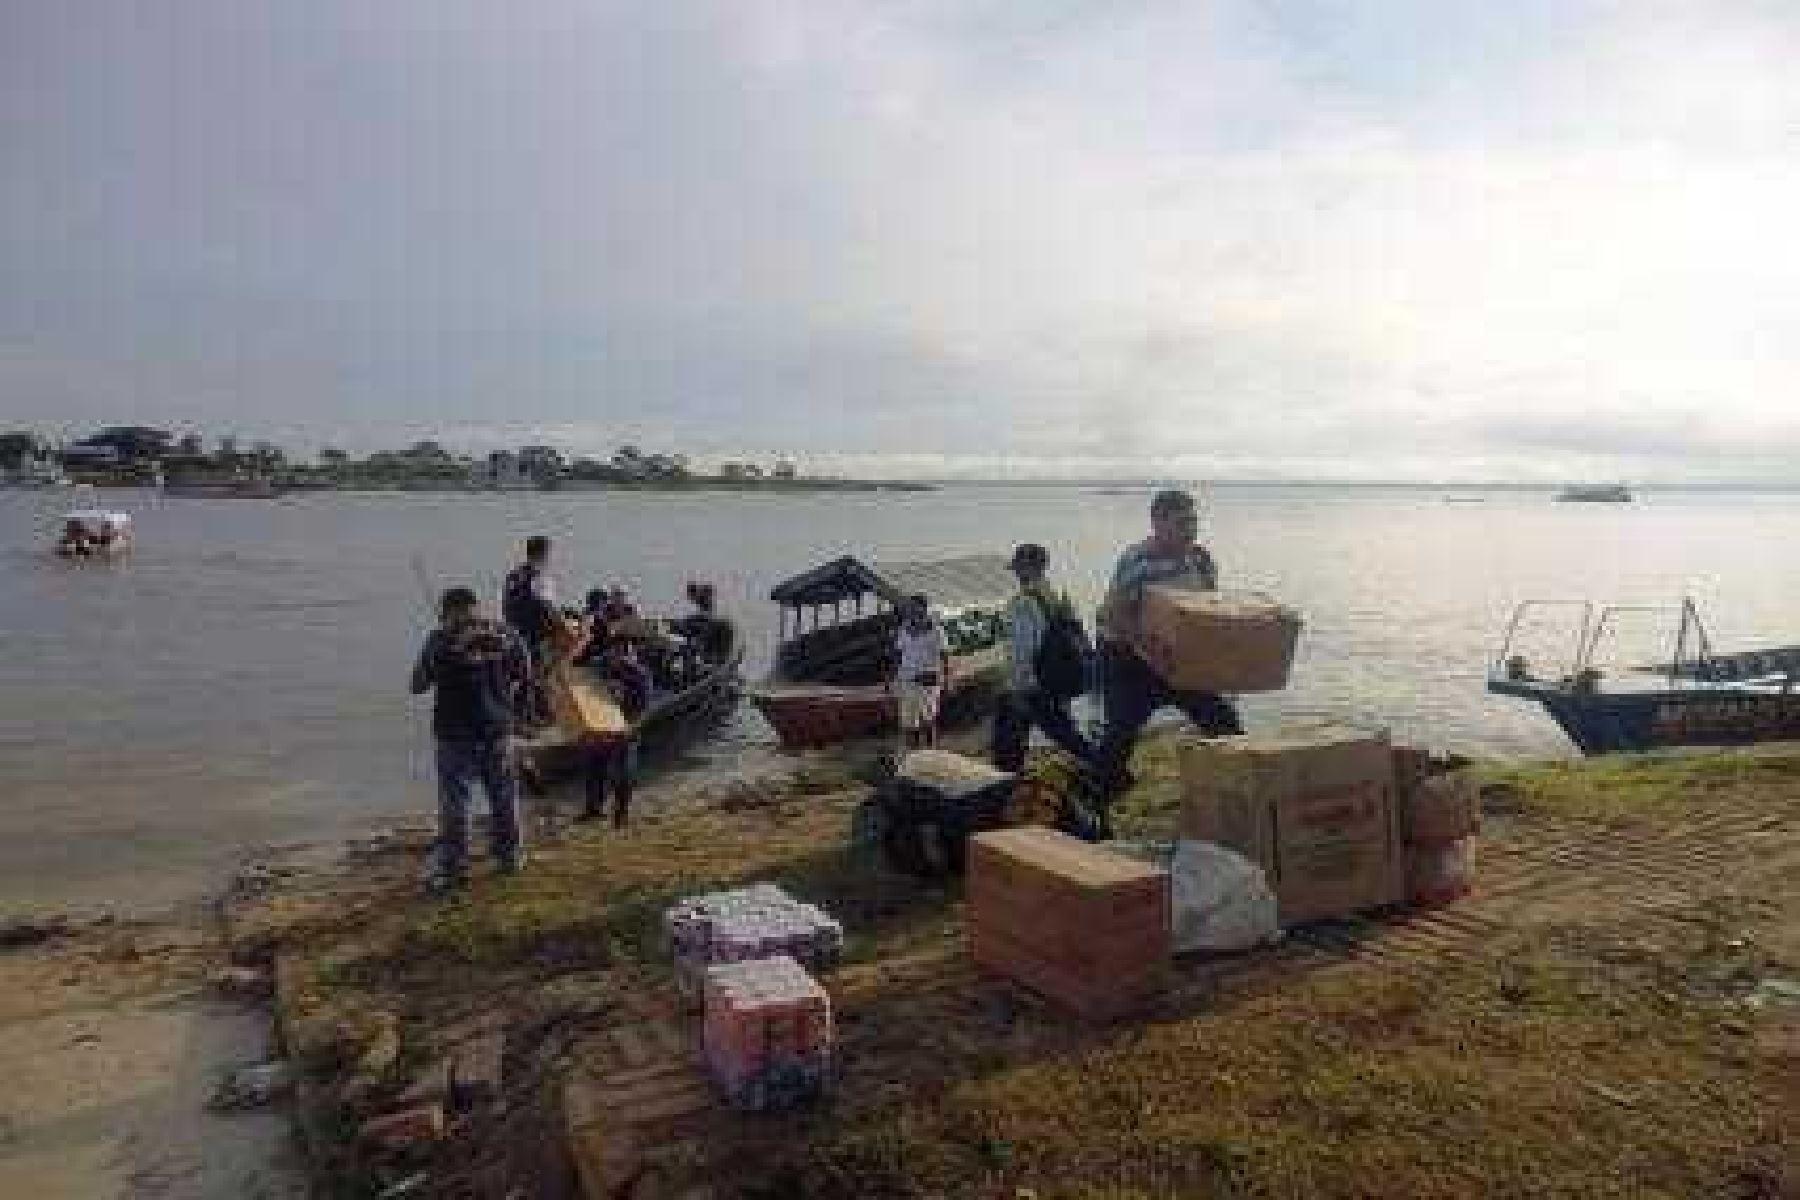 Intendencia de Aduanas de Iquitos realizó  operativo a embarcaciones fluviales pequeñas ubicadas en puertos o embarcaderos informales a orillas de los ríos Nanay e Itaya.